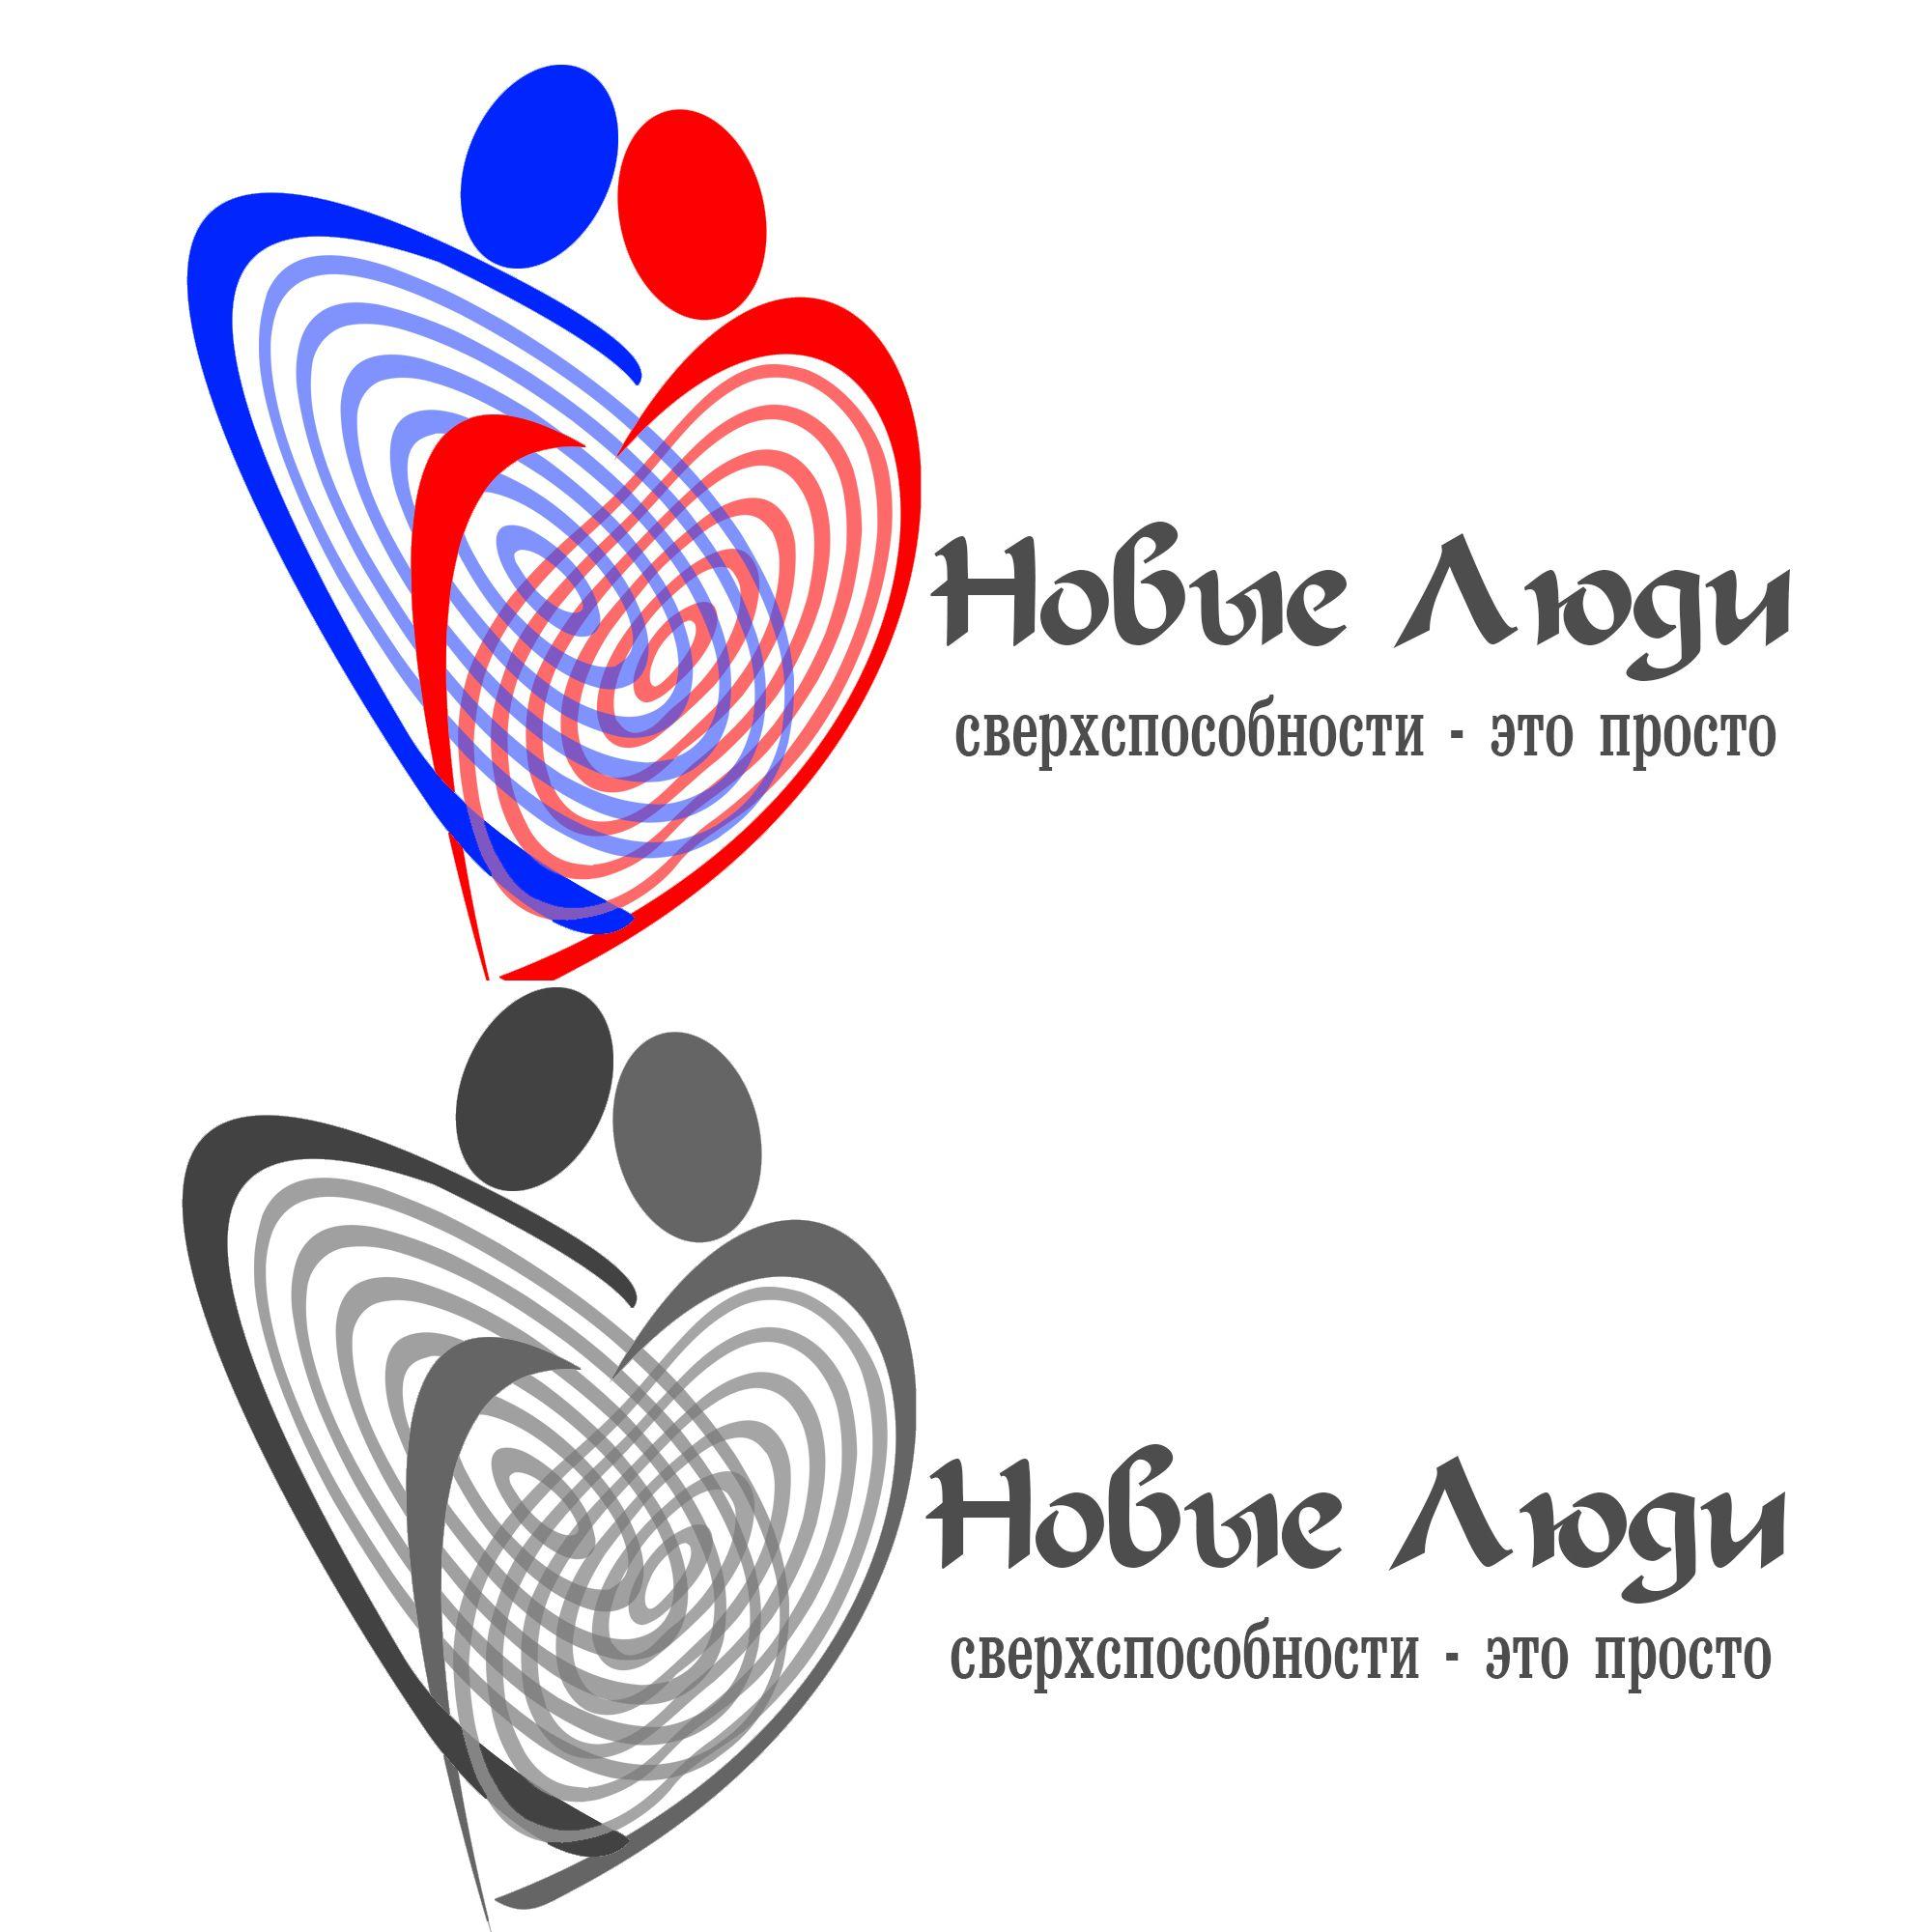 Лого и стиль тренингового центра/системы знаний - дизайнер atmannn